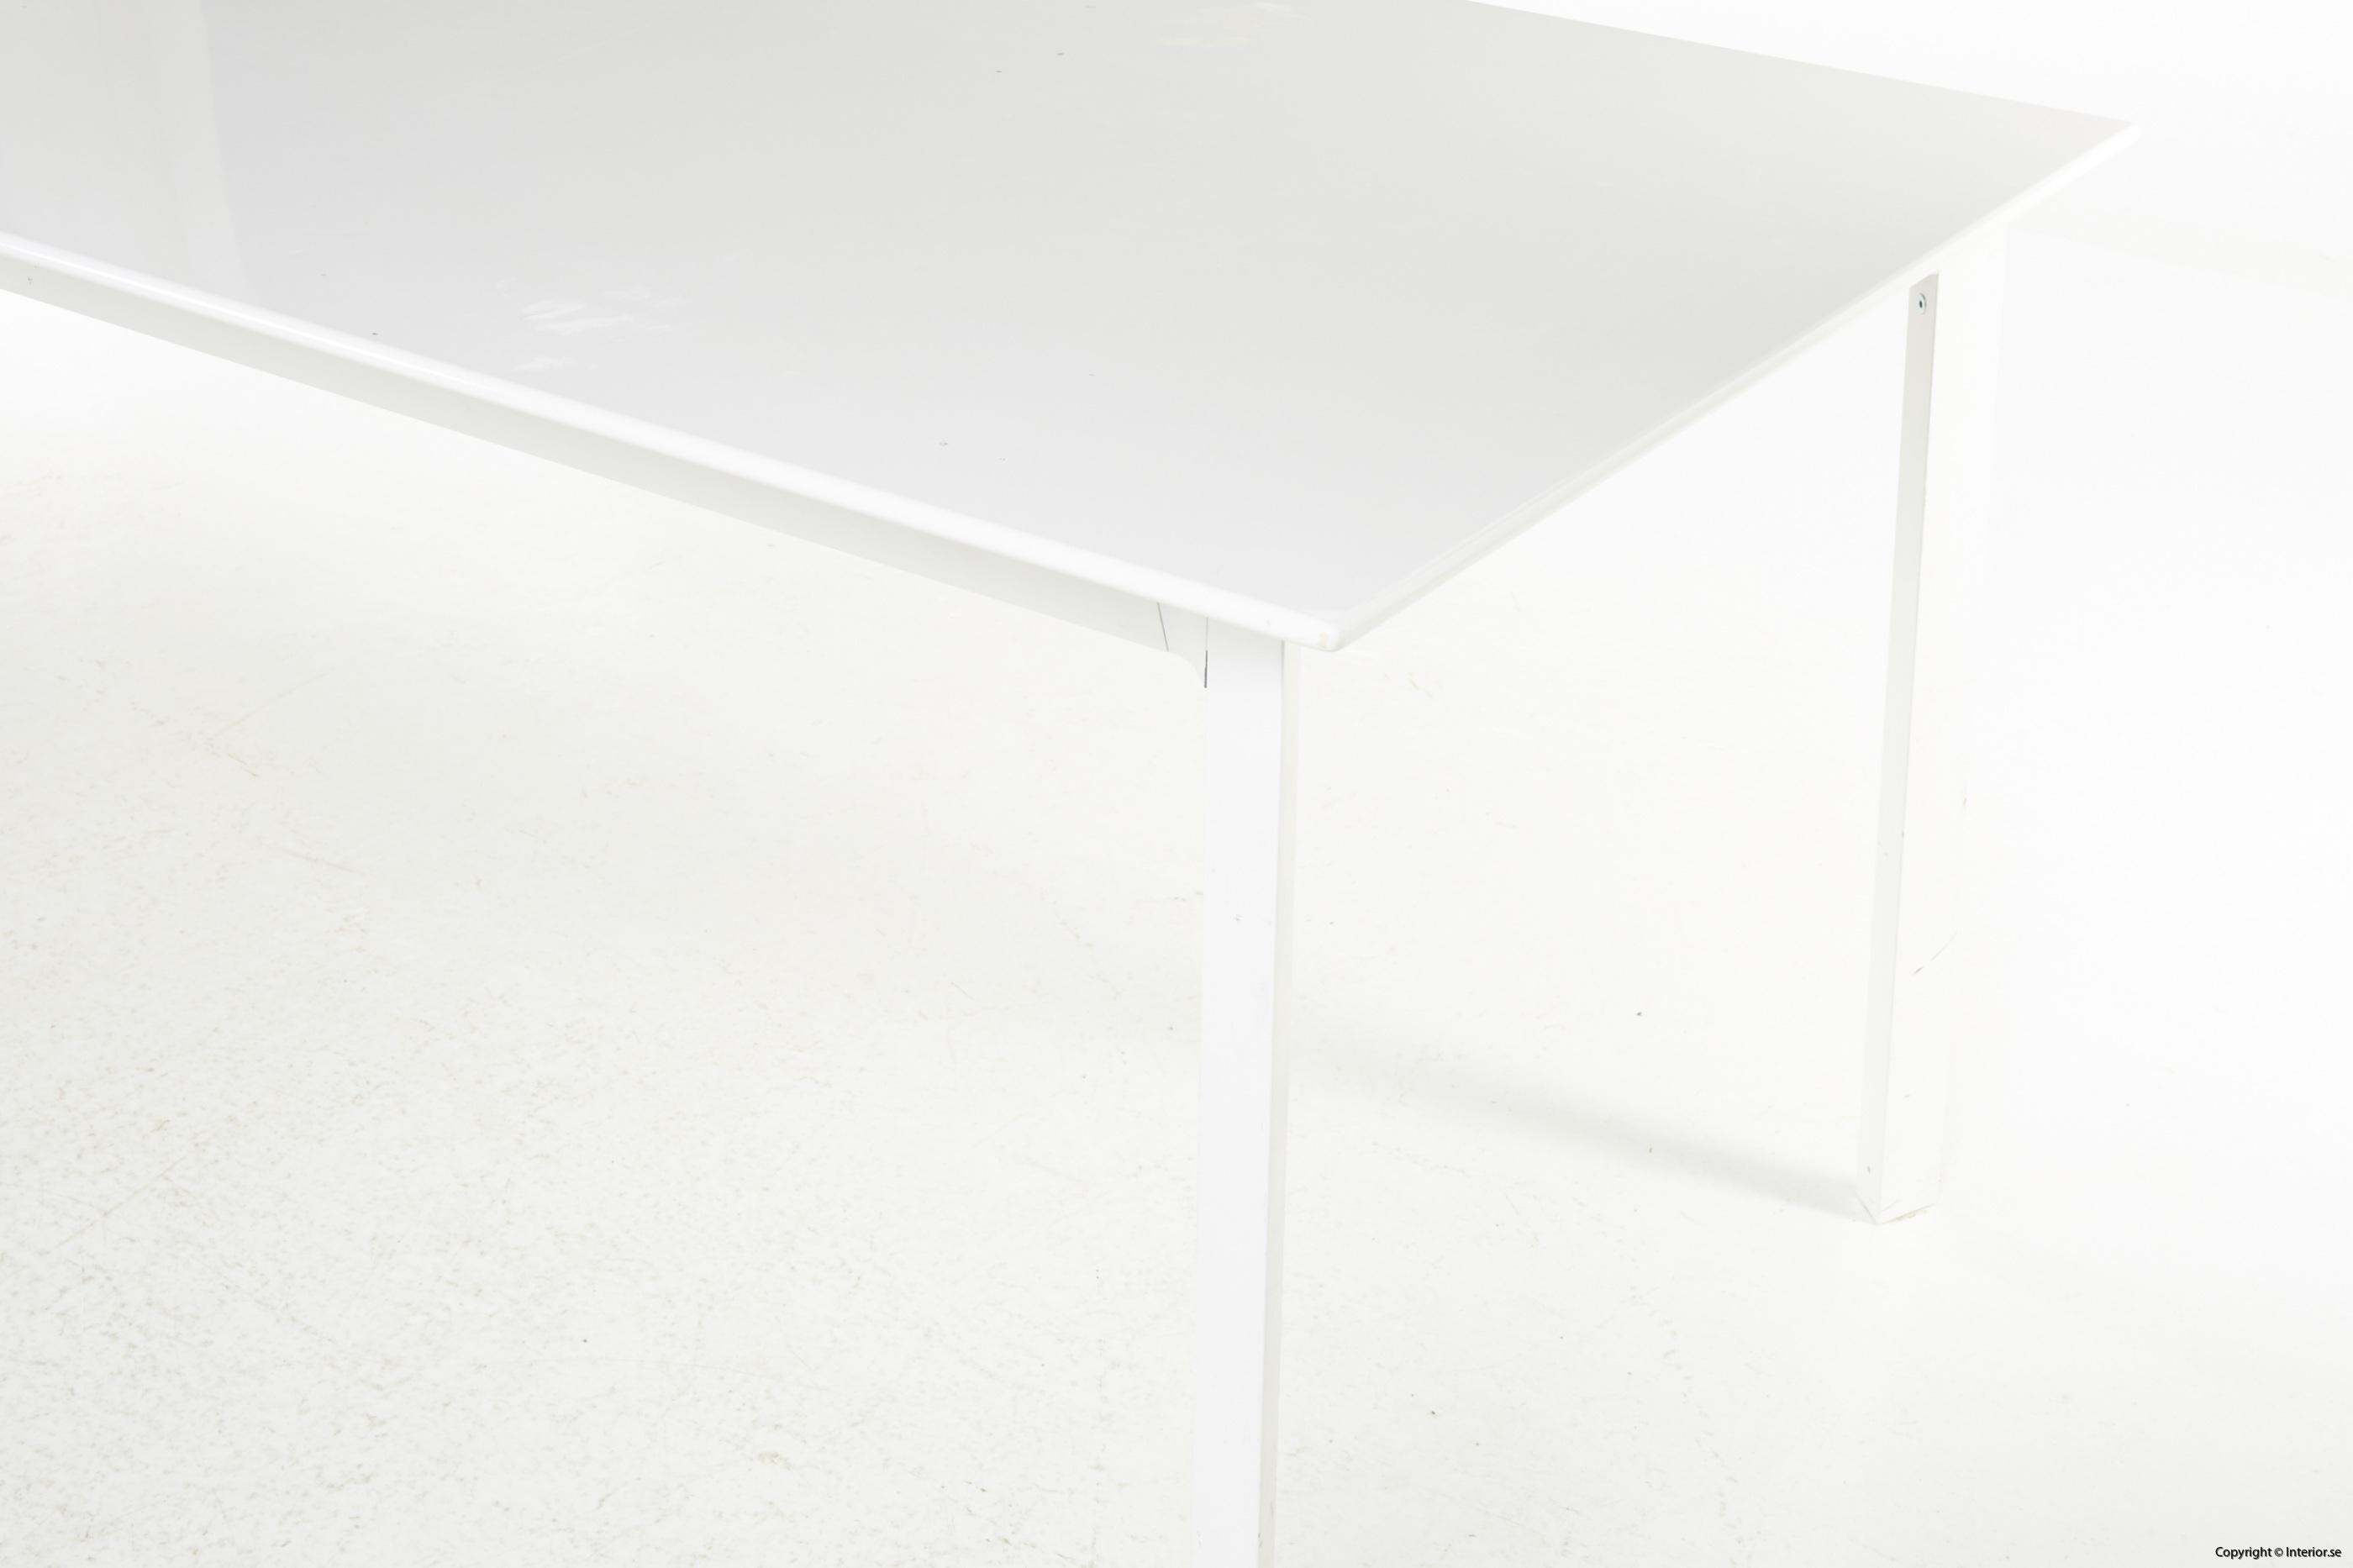 Konferensbord, vit laminat & stål - 280 x 90 cm conference table 3